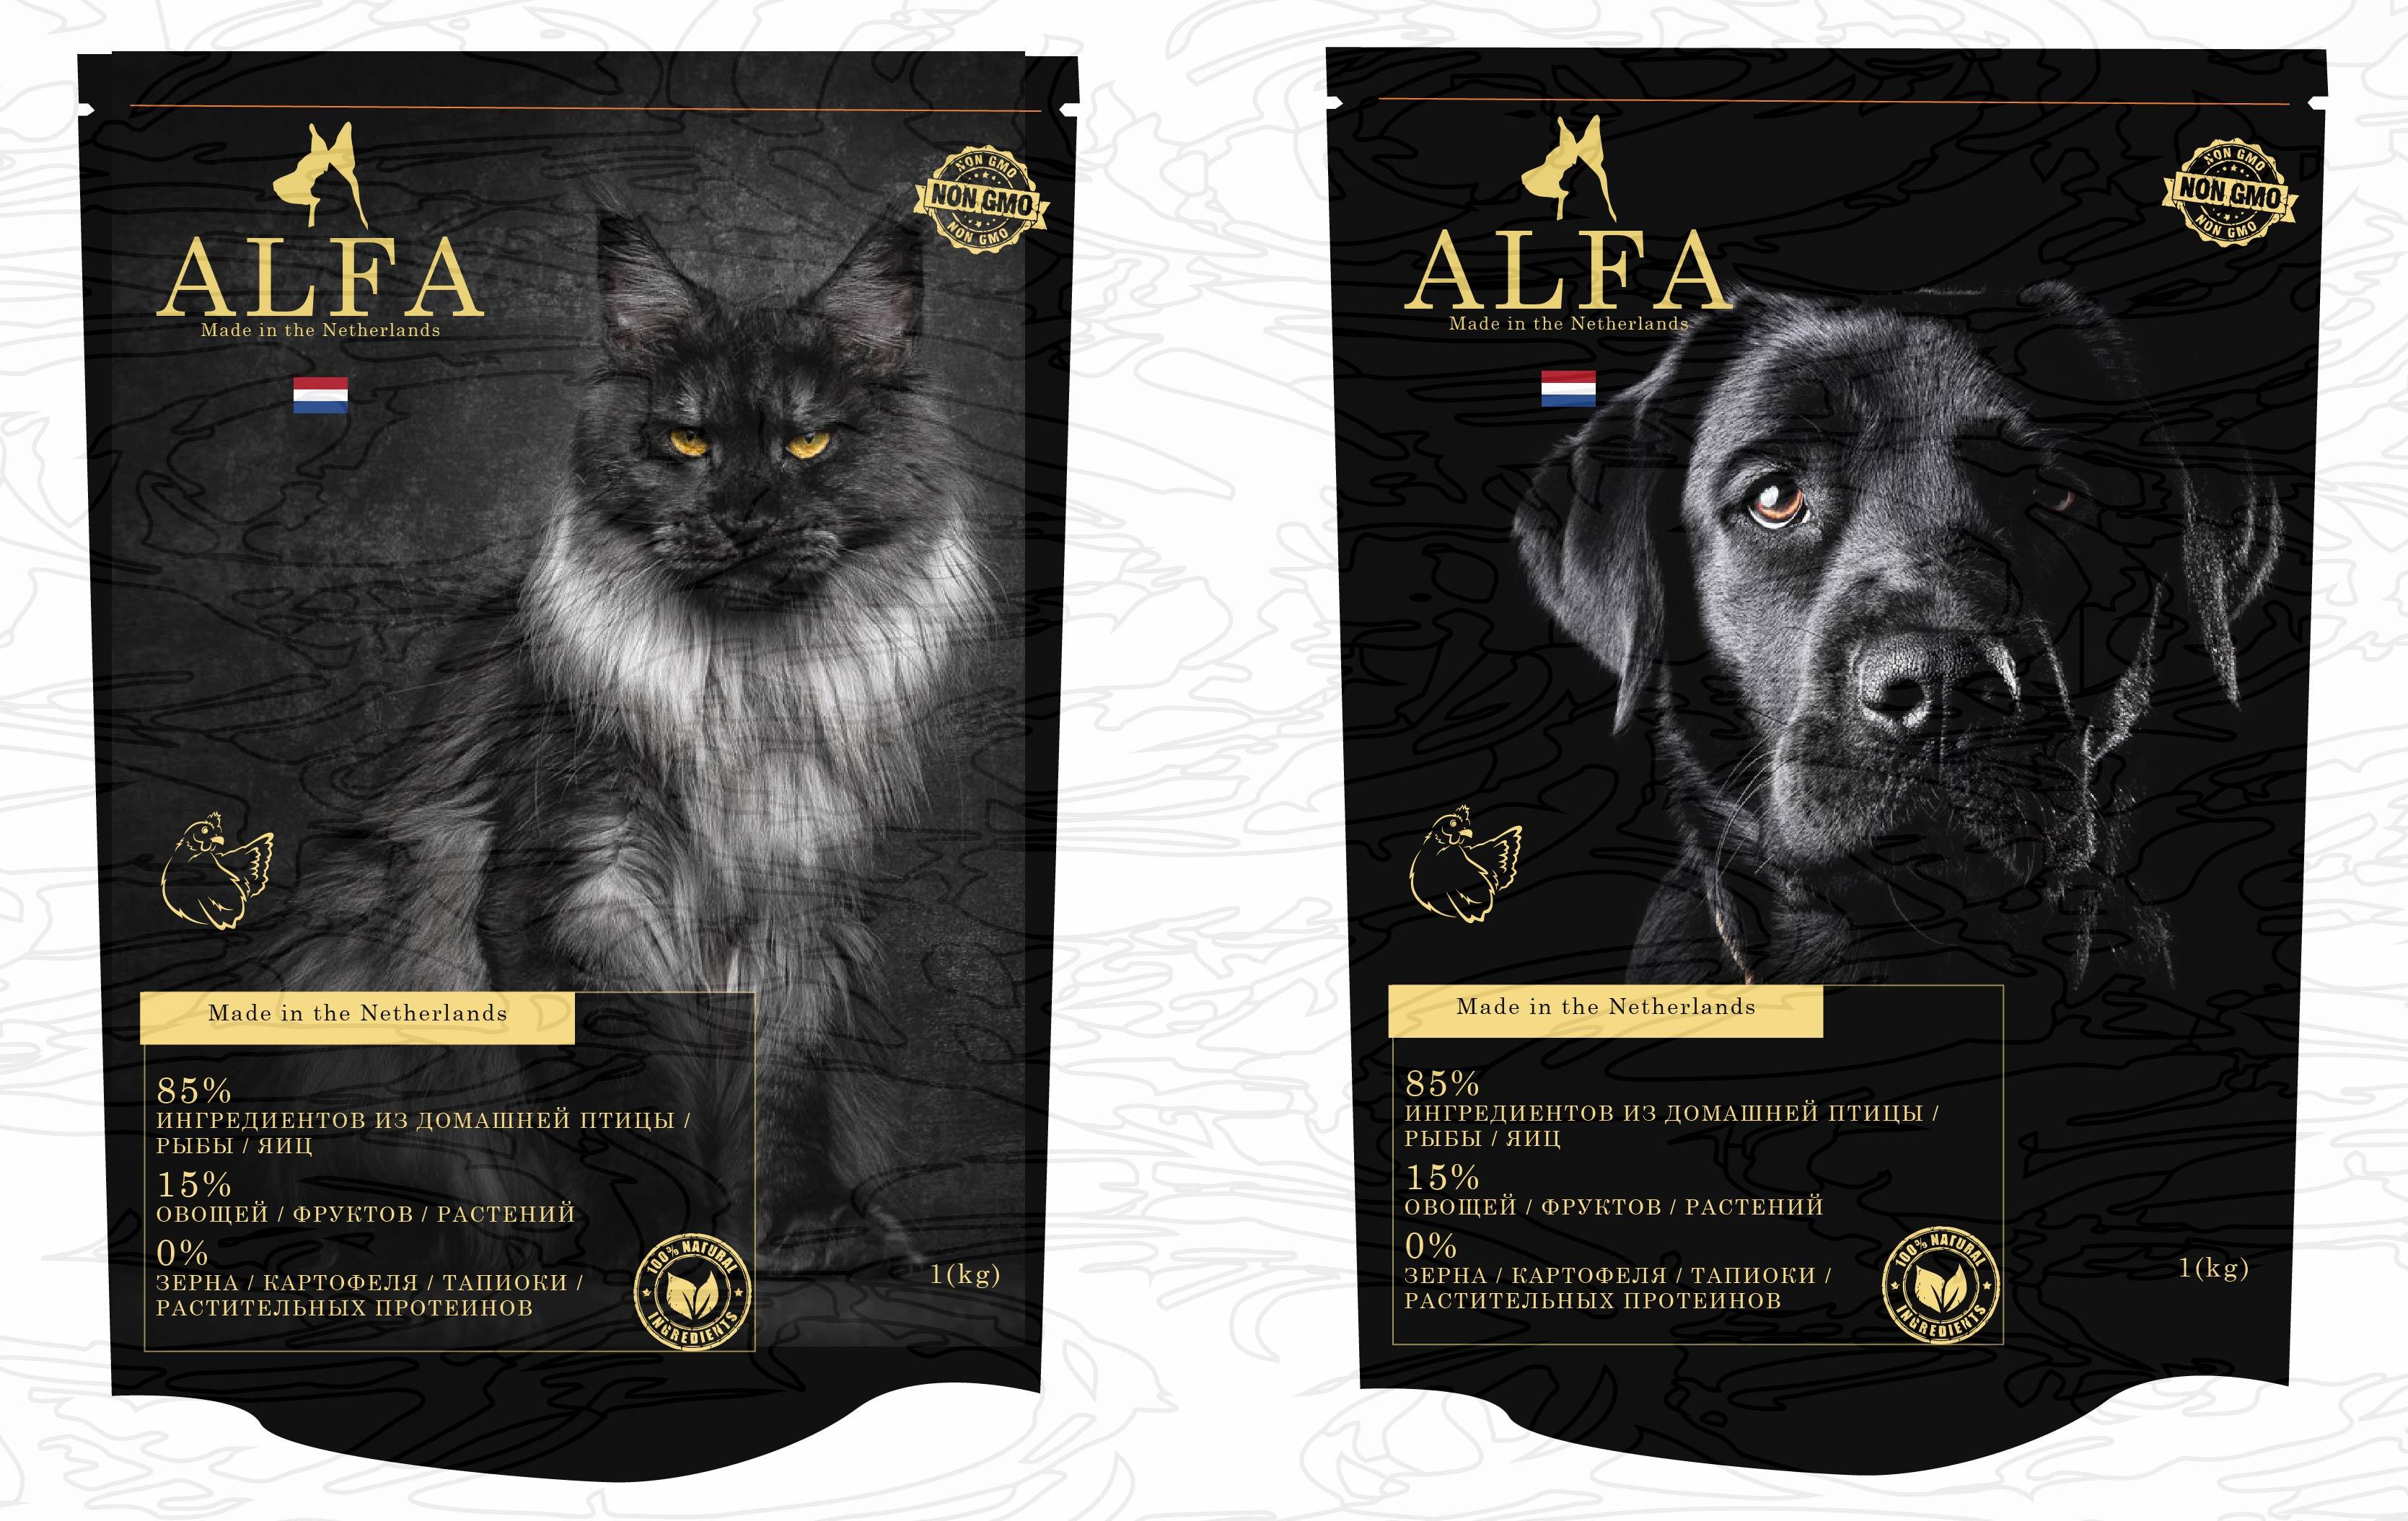 Создание дизайна упаковки для кормов для животных. фото f_2375ae39a1cd03bb.jpg